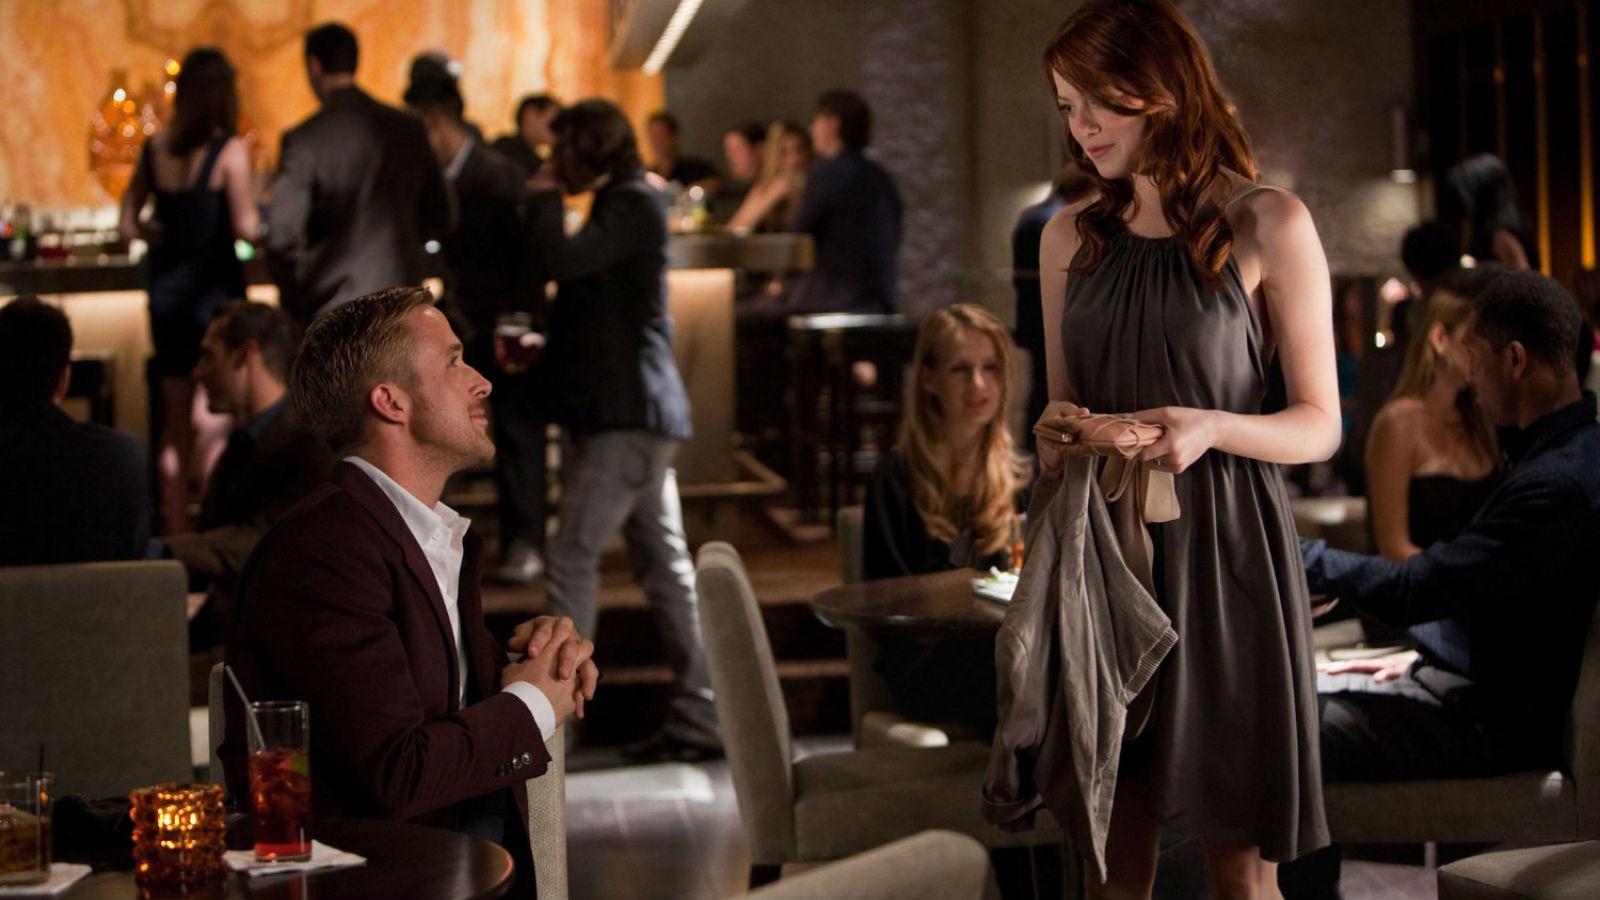 Elég, ha annyit tudsz erről az elképesztő randijelenetről, hogy Ryan Gosling félmeztelen, és Emma Stone végigsimít a hasán. Mint ahogy sokan mások is tennék ezt a helyében. És megismétlik a híres Dirty Dancing emelést is. (Warner Bros.)